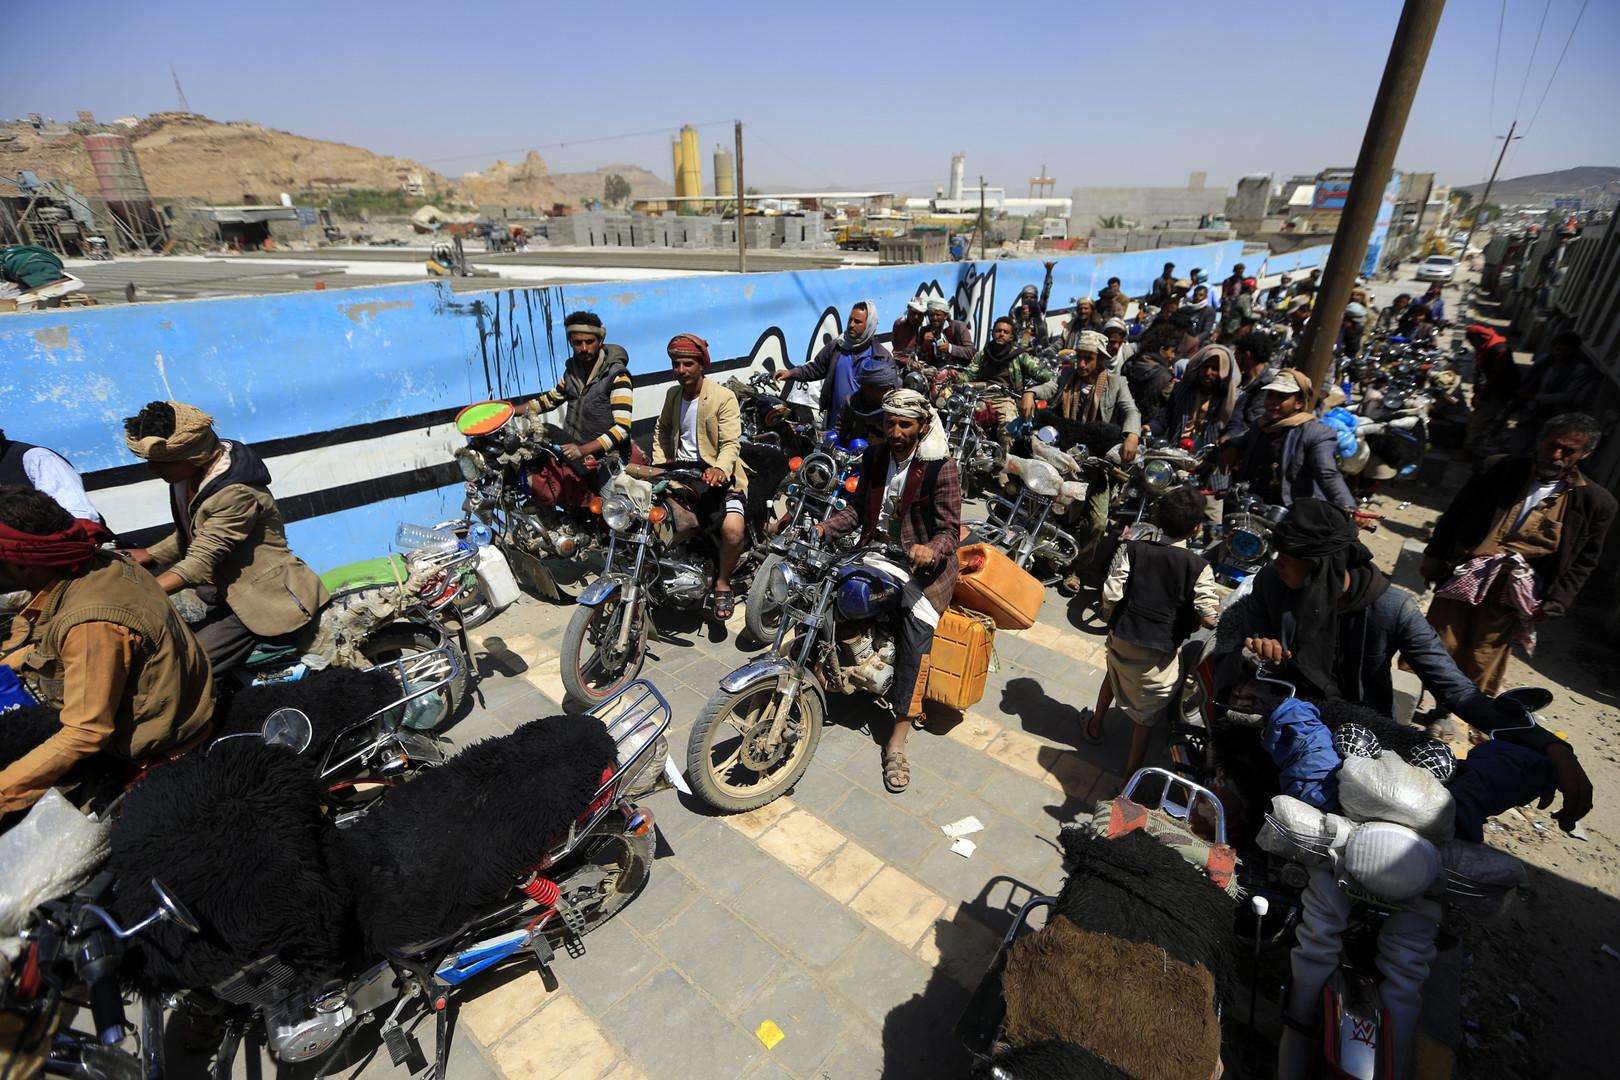 Jemenitische Motorradfahrer stehen am 17. September 2018 in der Hauptstadt Sanaa an einer Tankstelle an, um Kraftstoff zu kaufen.